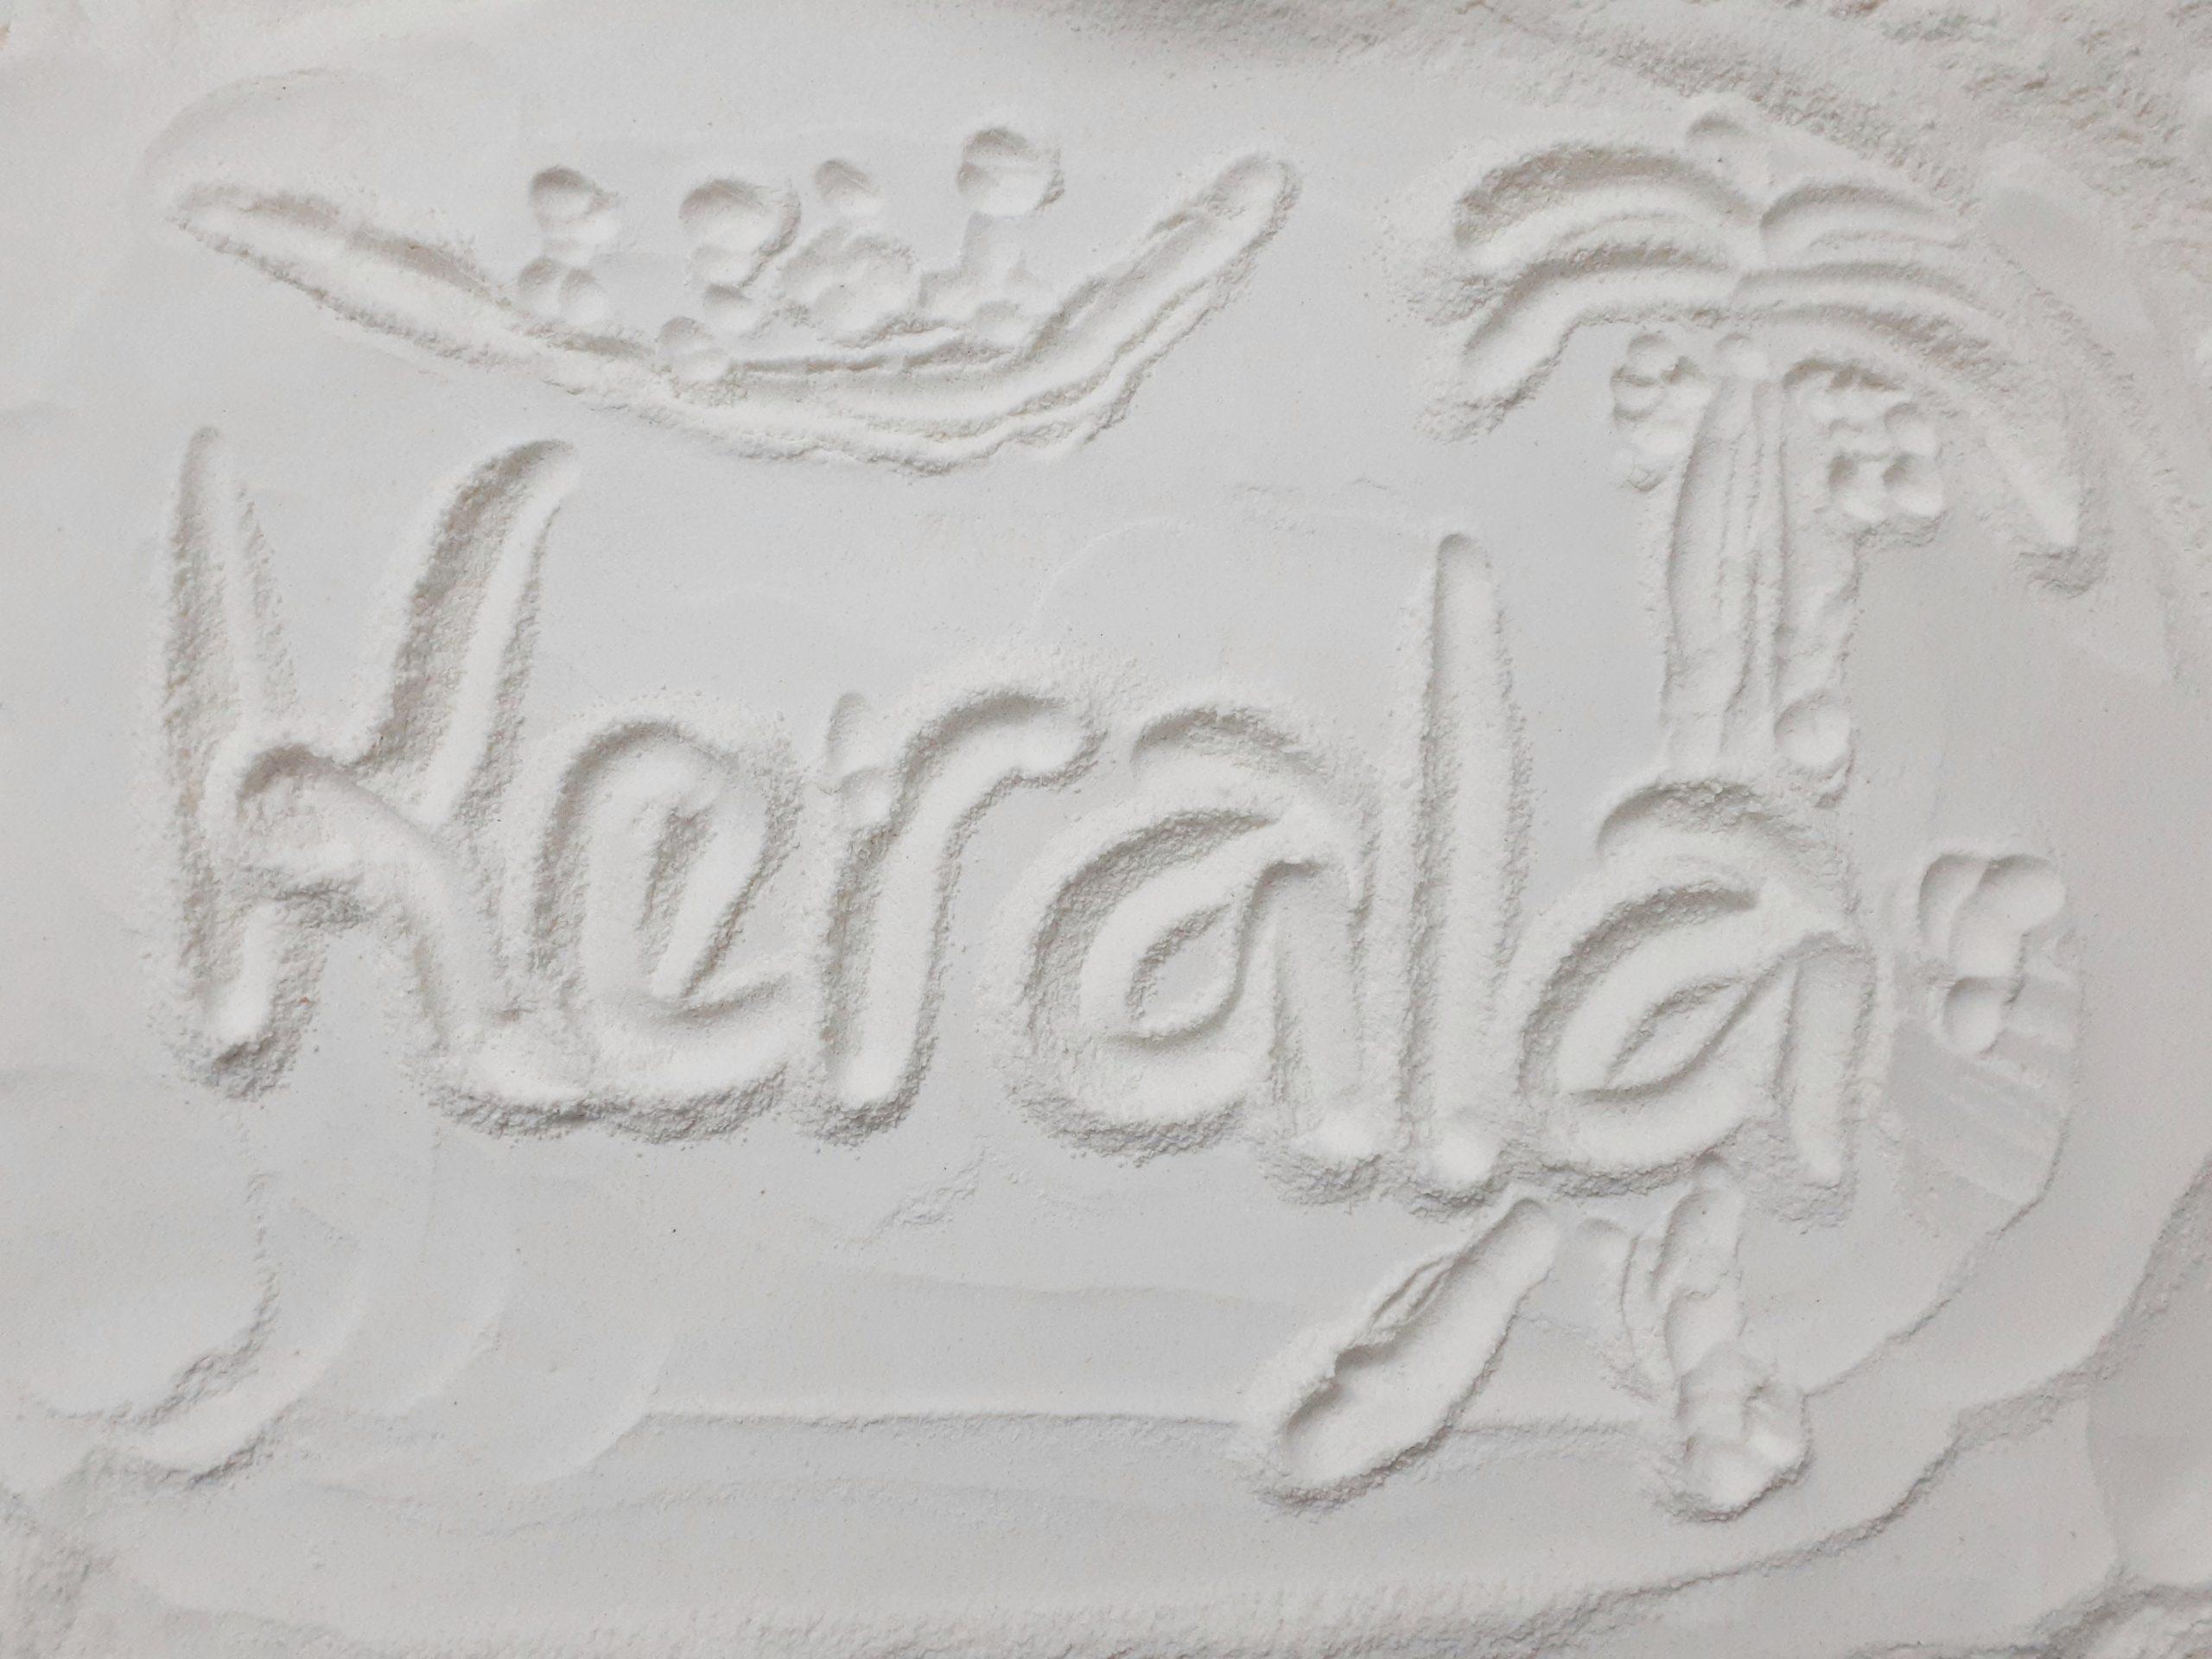 Kerala written on rice flour